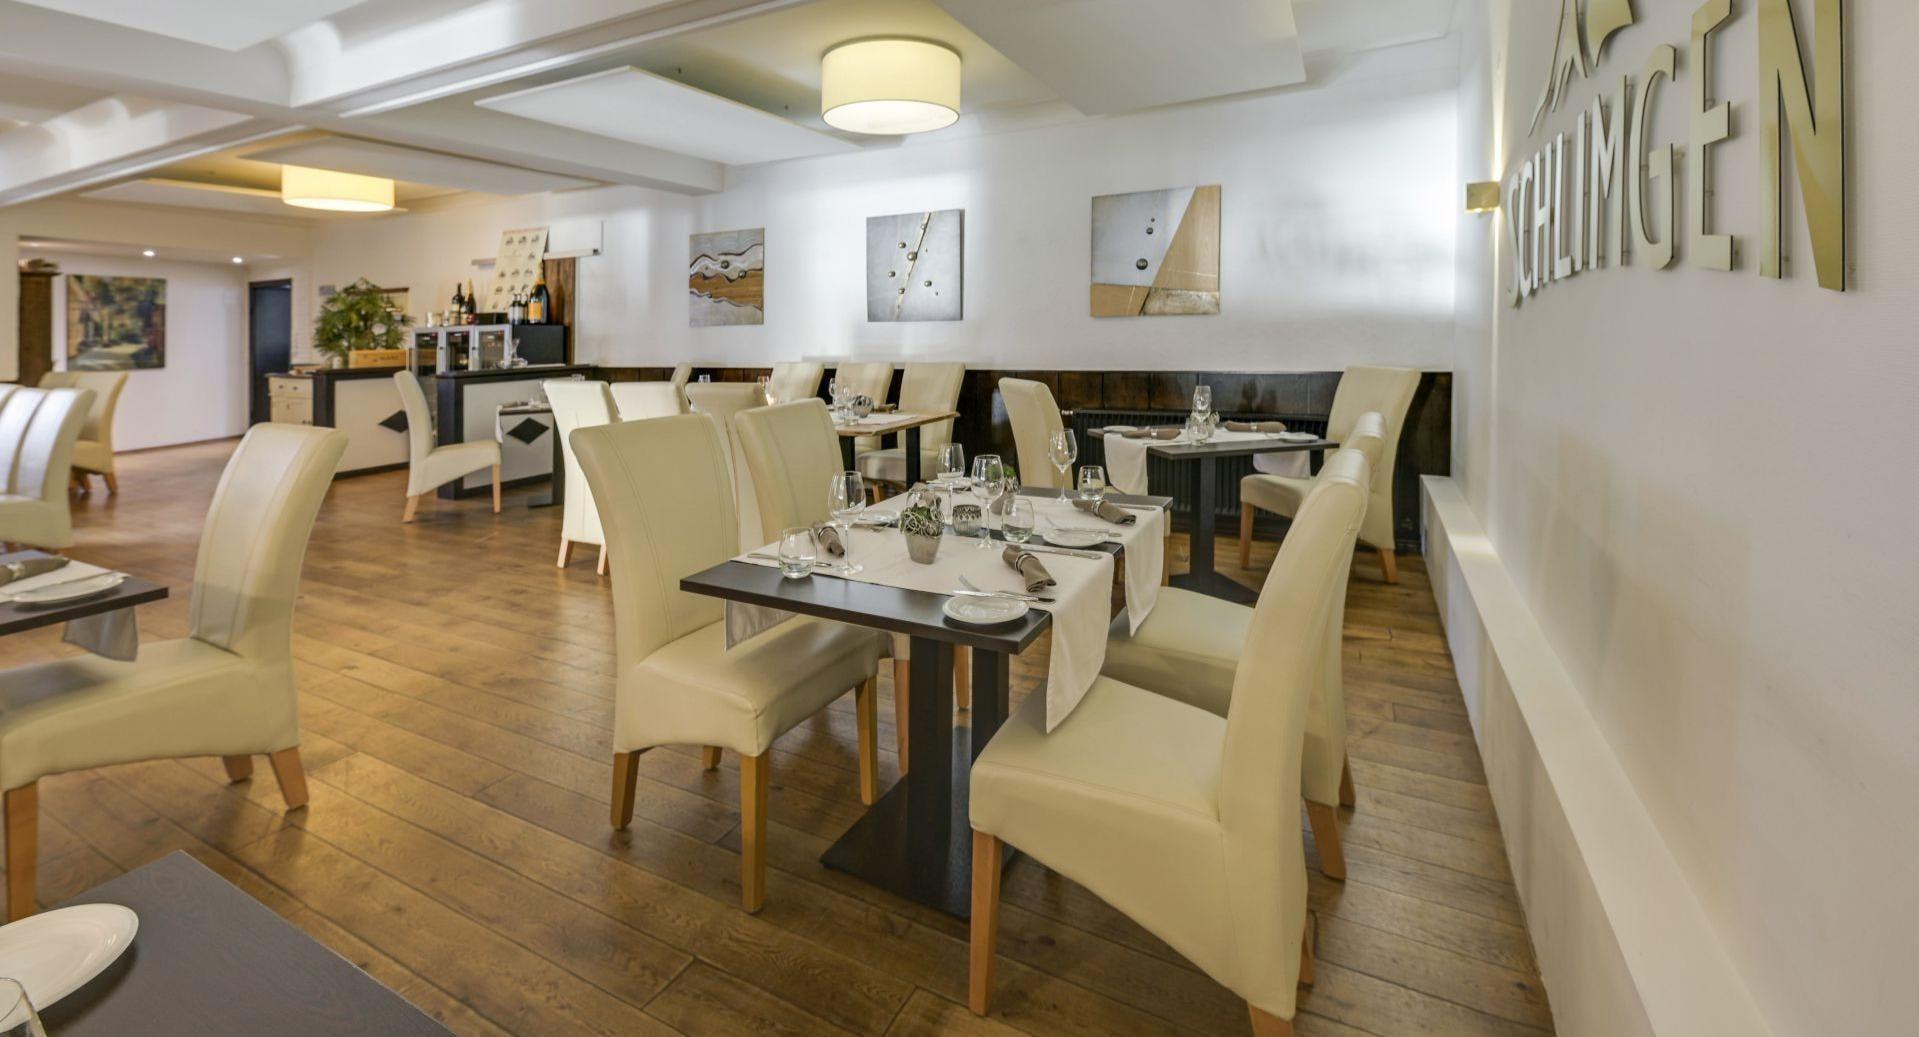 Restaurant Schlimgen Niederkassel image 3